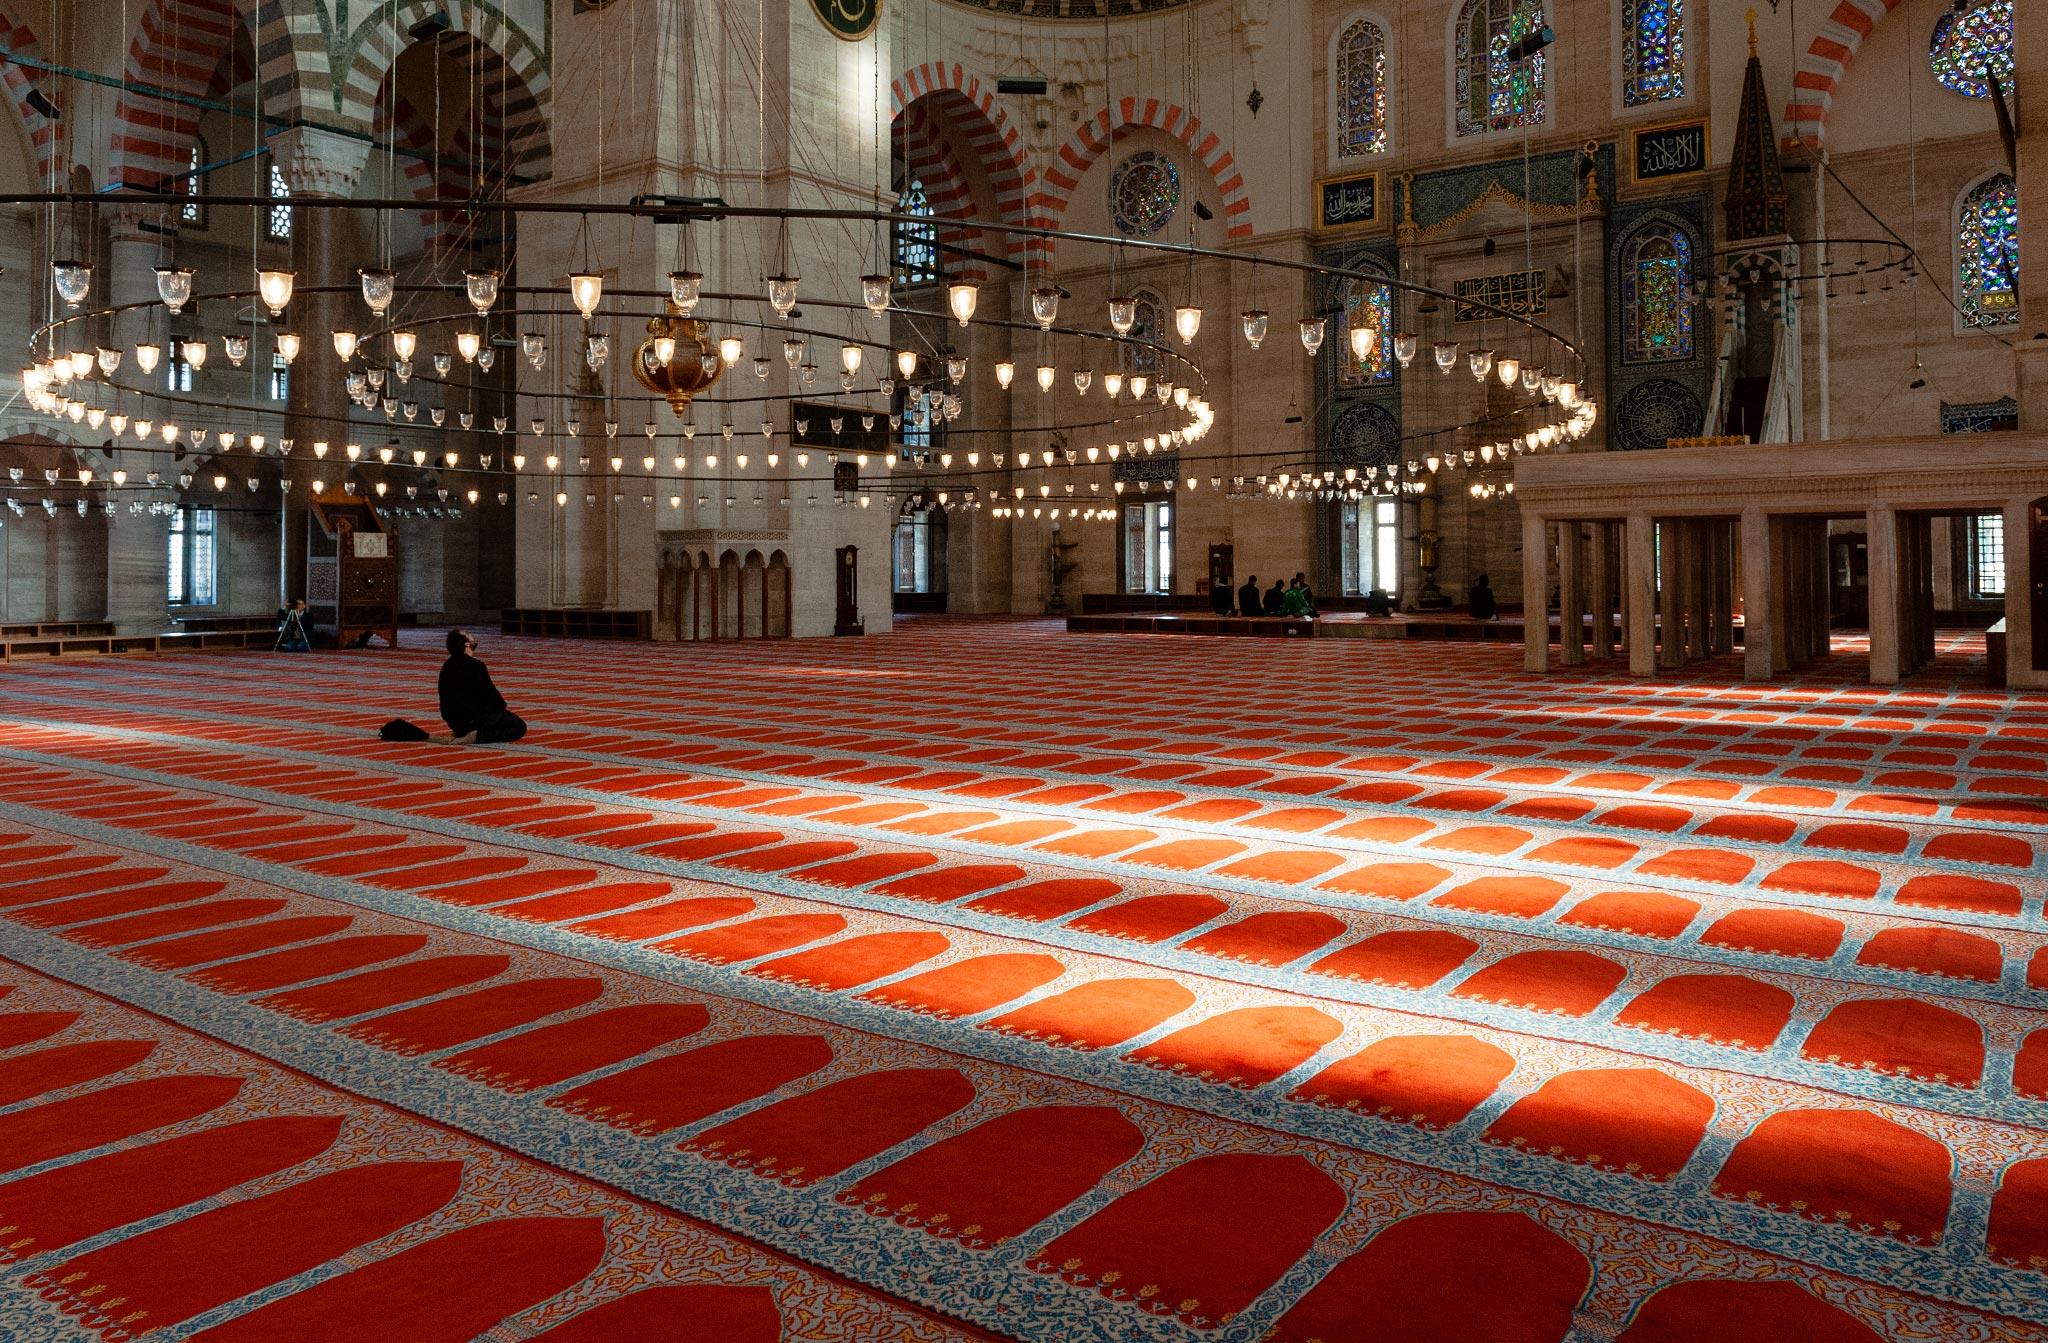 Chandelier circulaire - La mosquée Süleymaniye